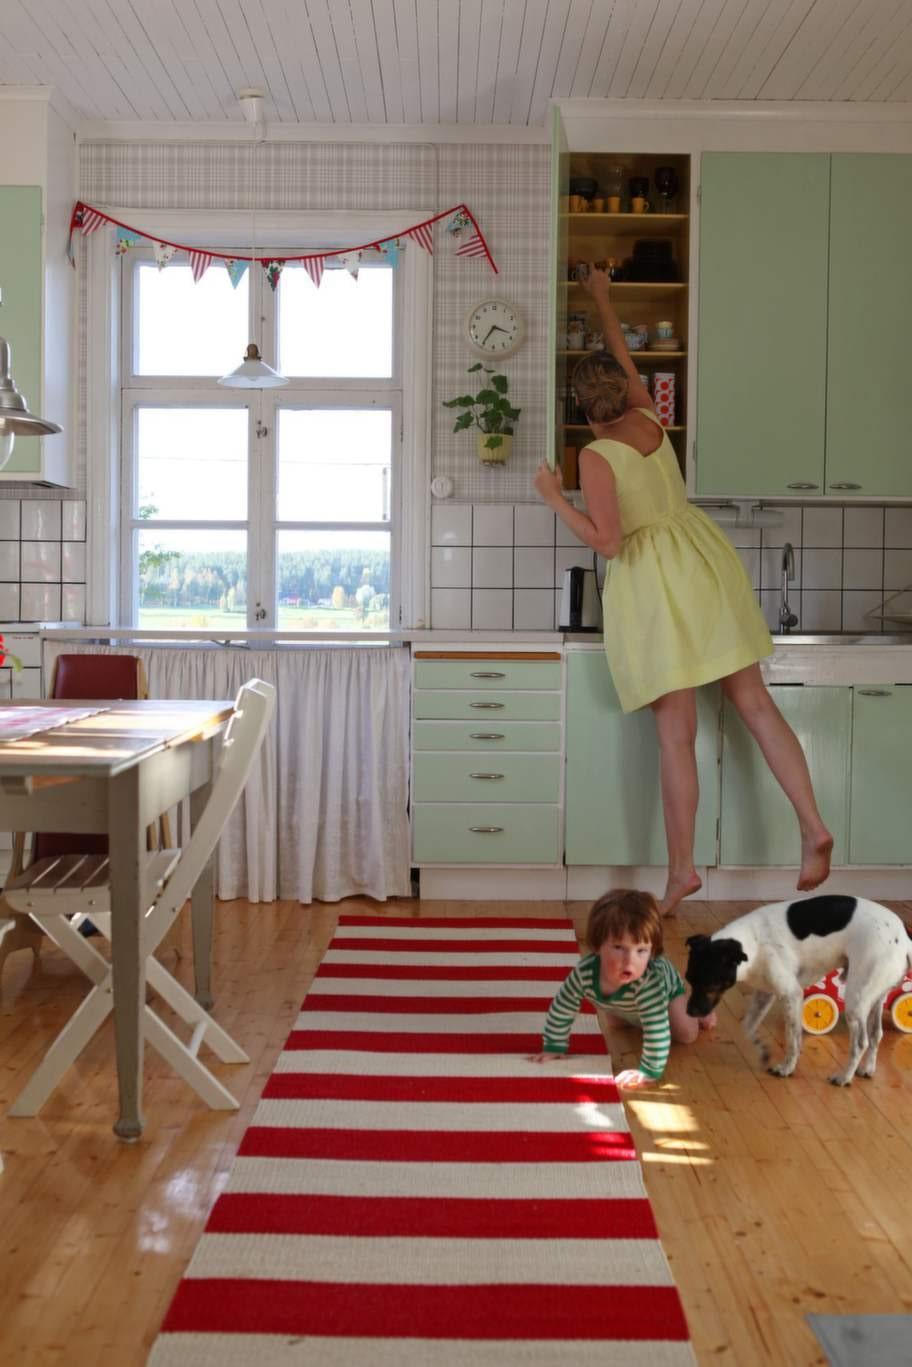 Mintgrönt. Claras kök har vedspis och bänkskivor med det klassiska mönstret Virrvarr av Sigvard Bernadotte. Det mesta i köket är begagnat, av miljöskäl och för att få en mer genuin känsla.